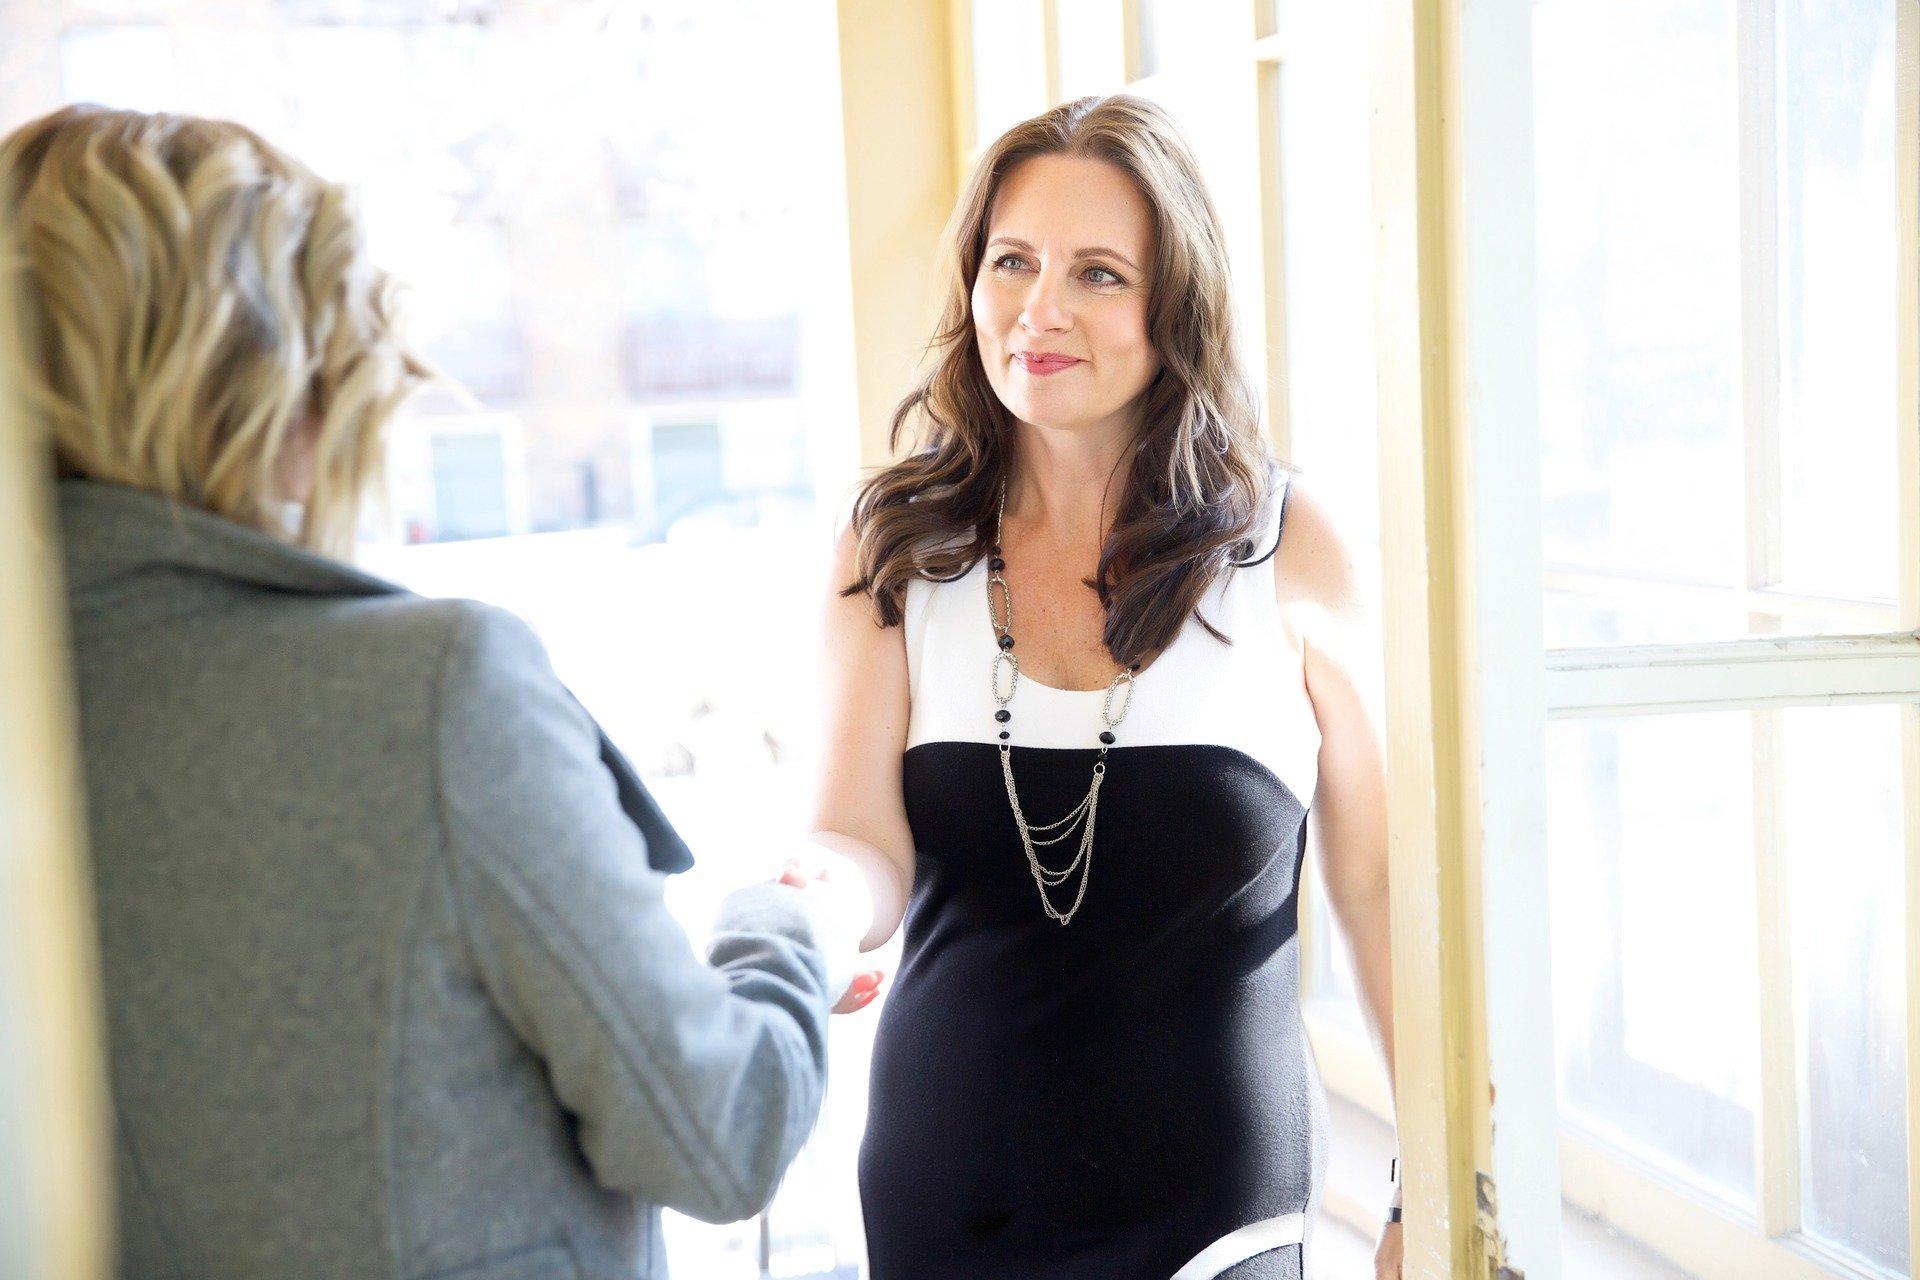 Quelle question poser à un entretien pour paraitre intéressé ?